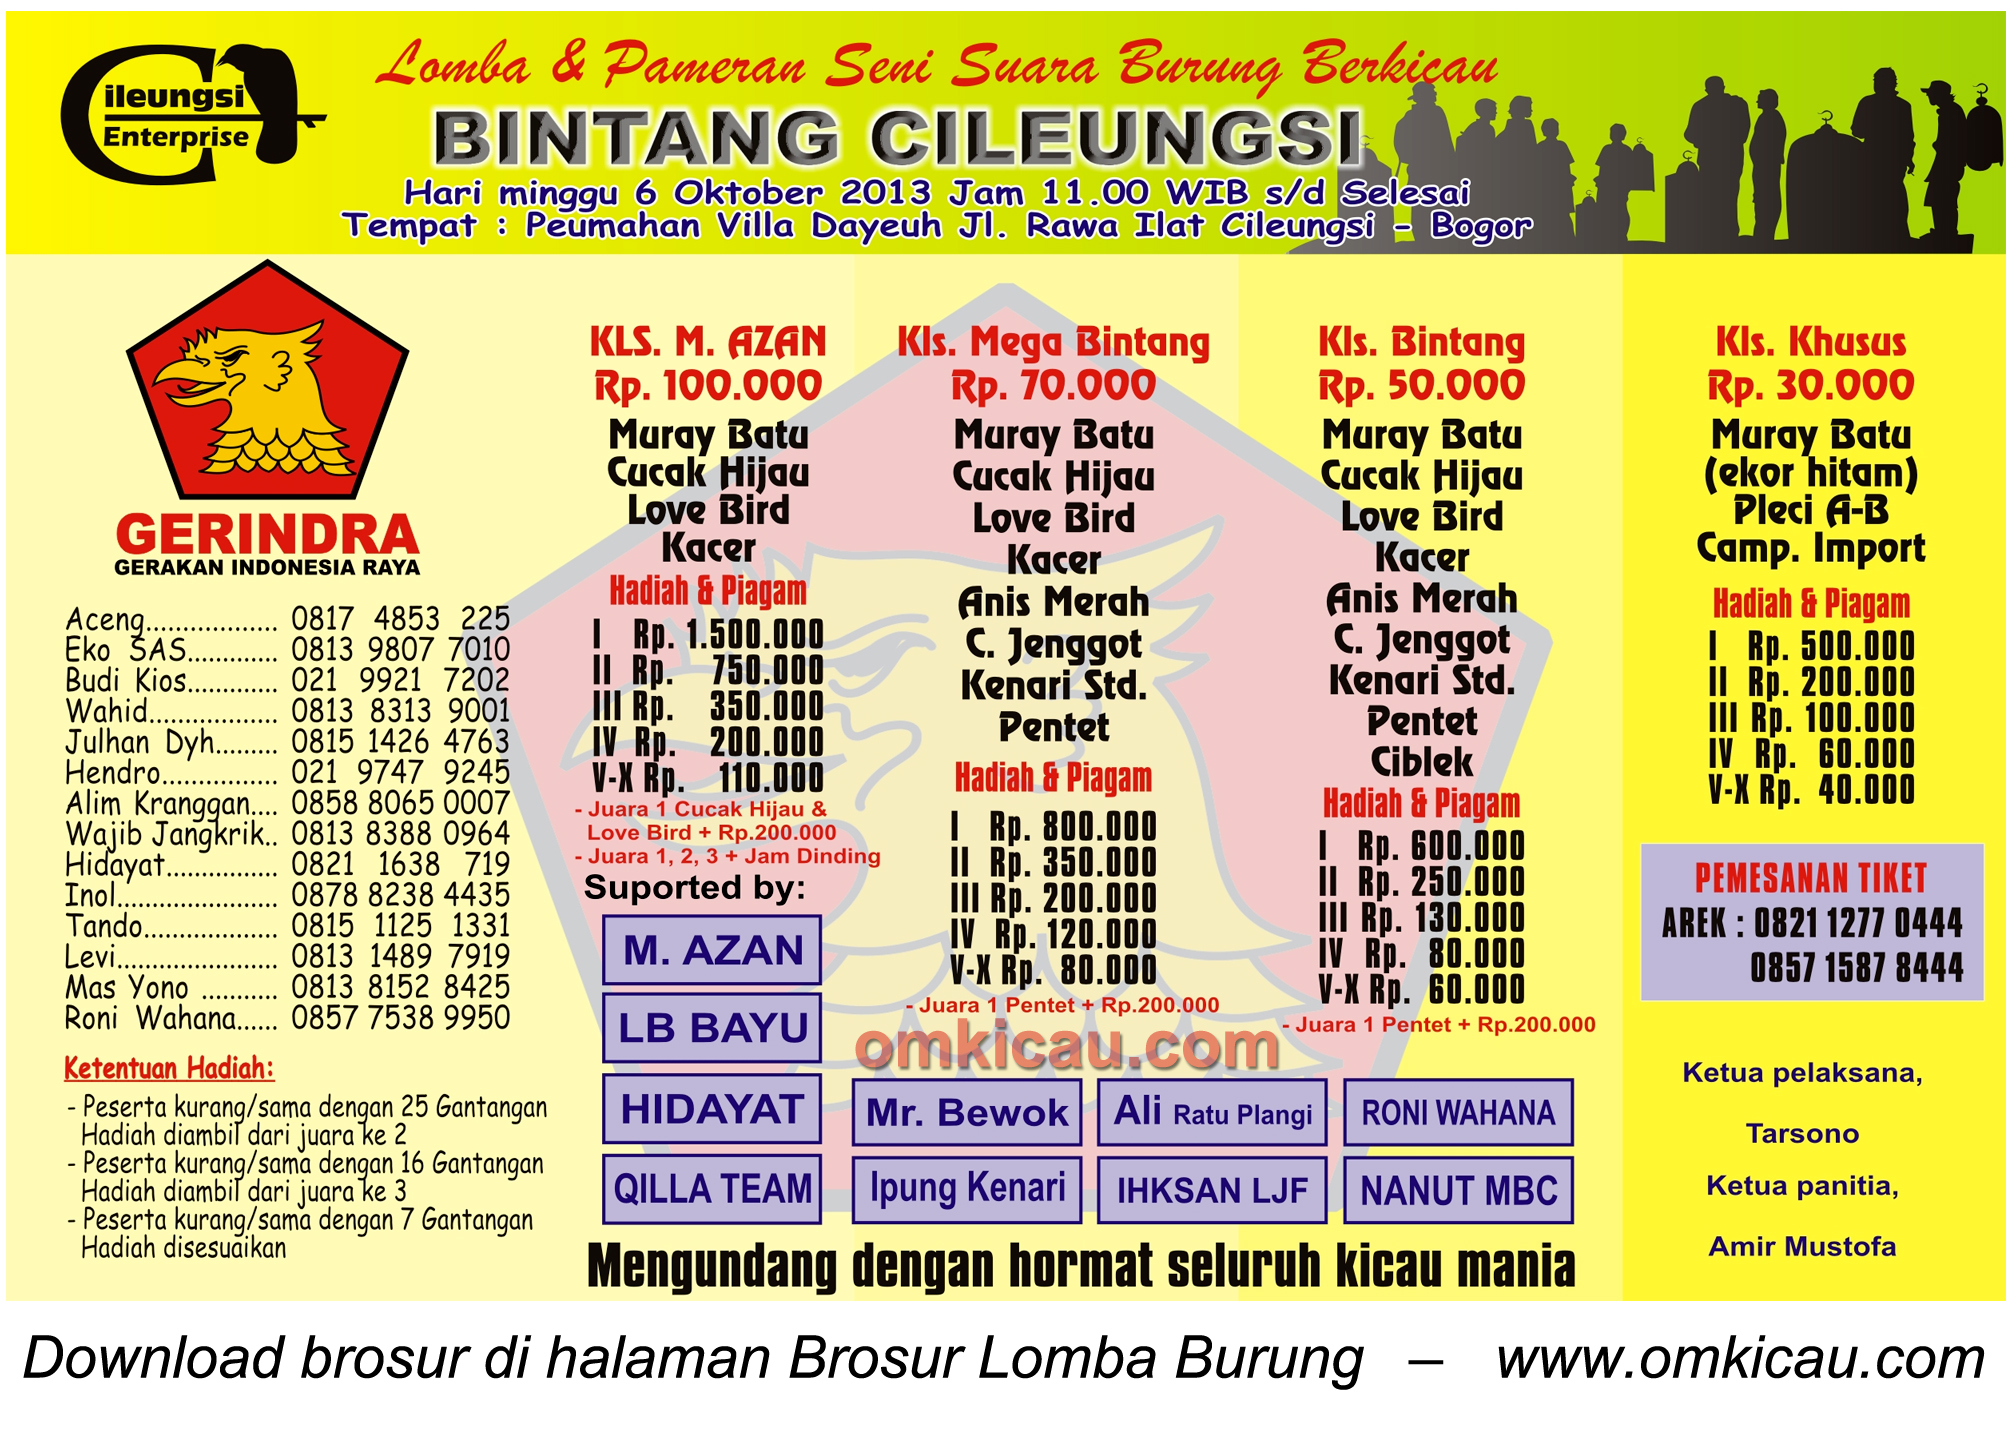 Brosur Lomba Burung Bintang Cileungsi, Bogor, 6 Oktober 2013